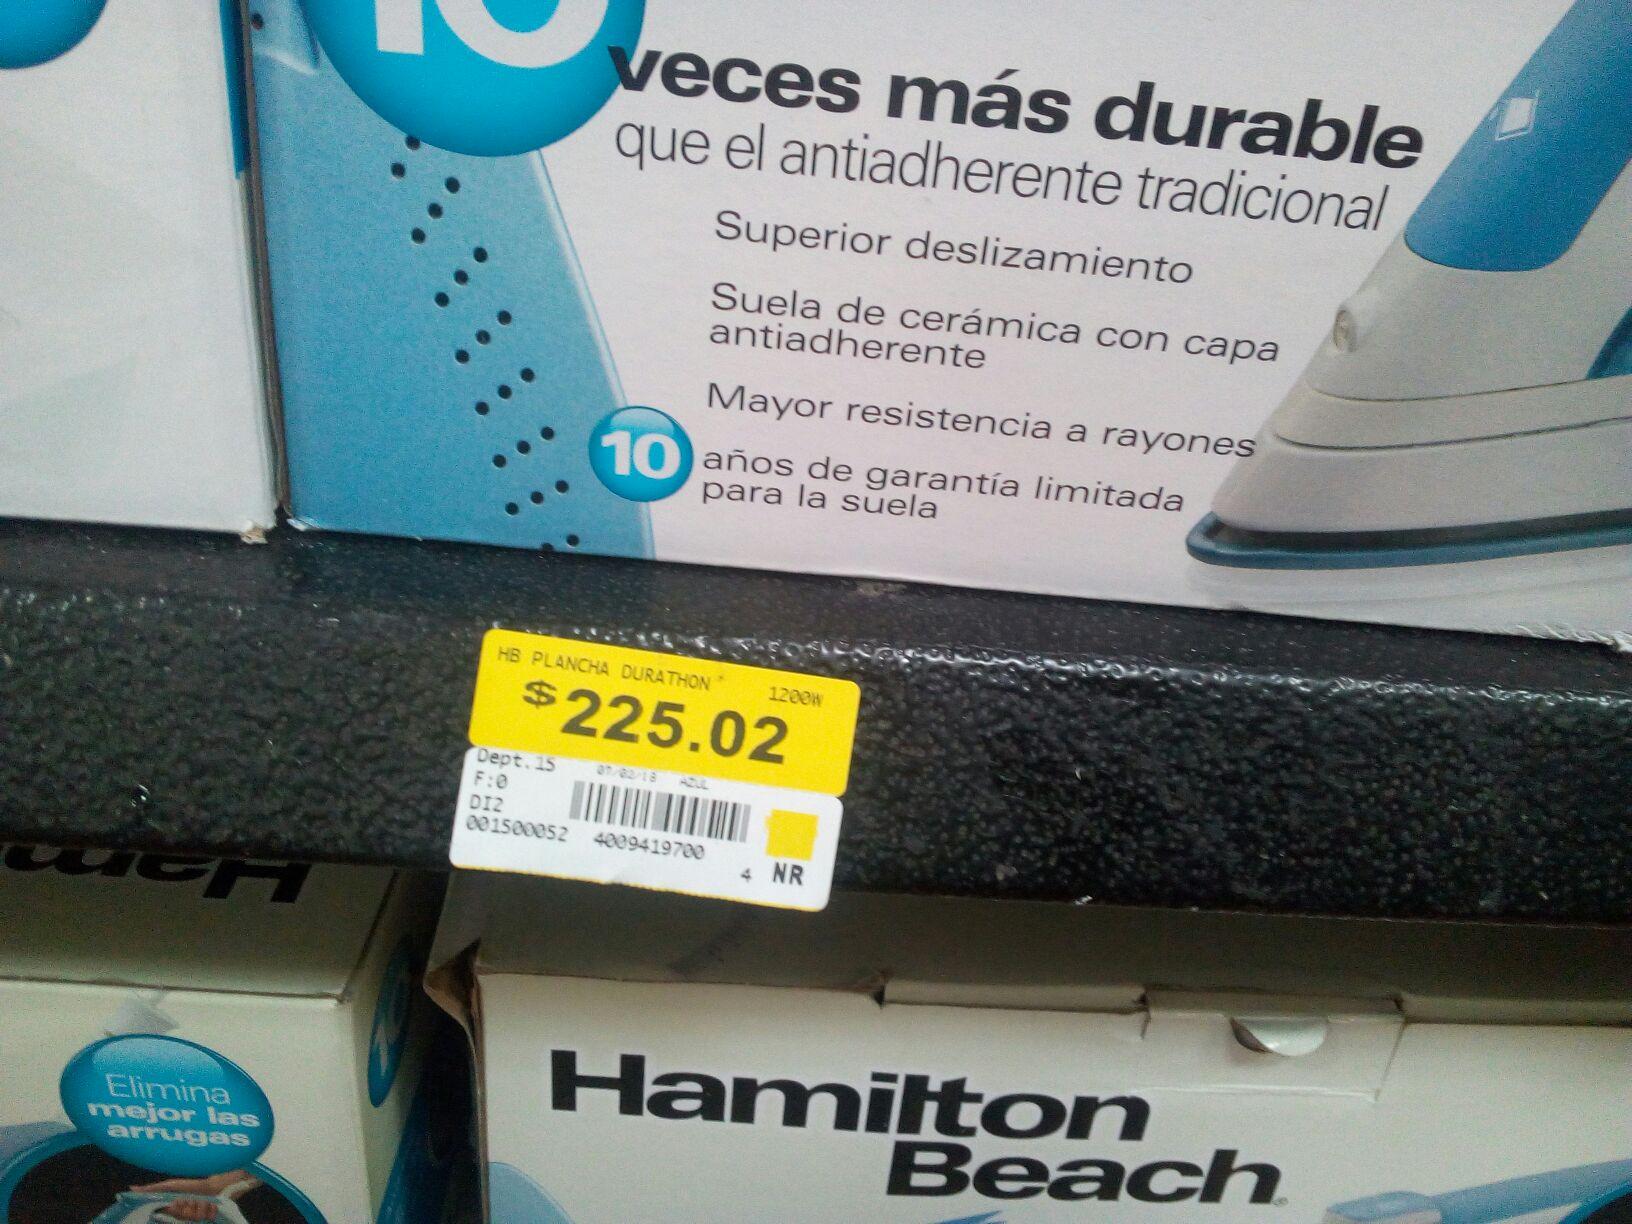 Walmart: plancha segunda liquidacion muy buena calidad ofertas varias en vinos primera liquidacion